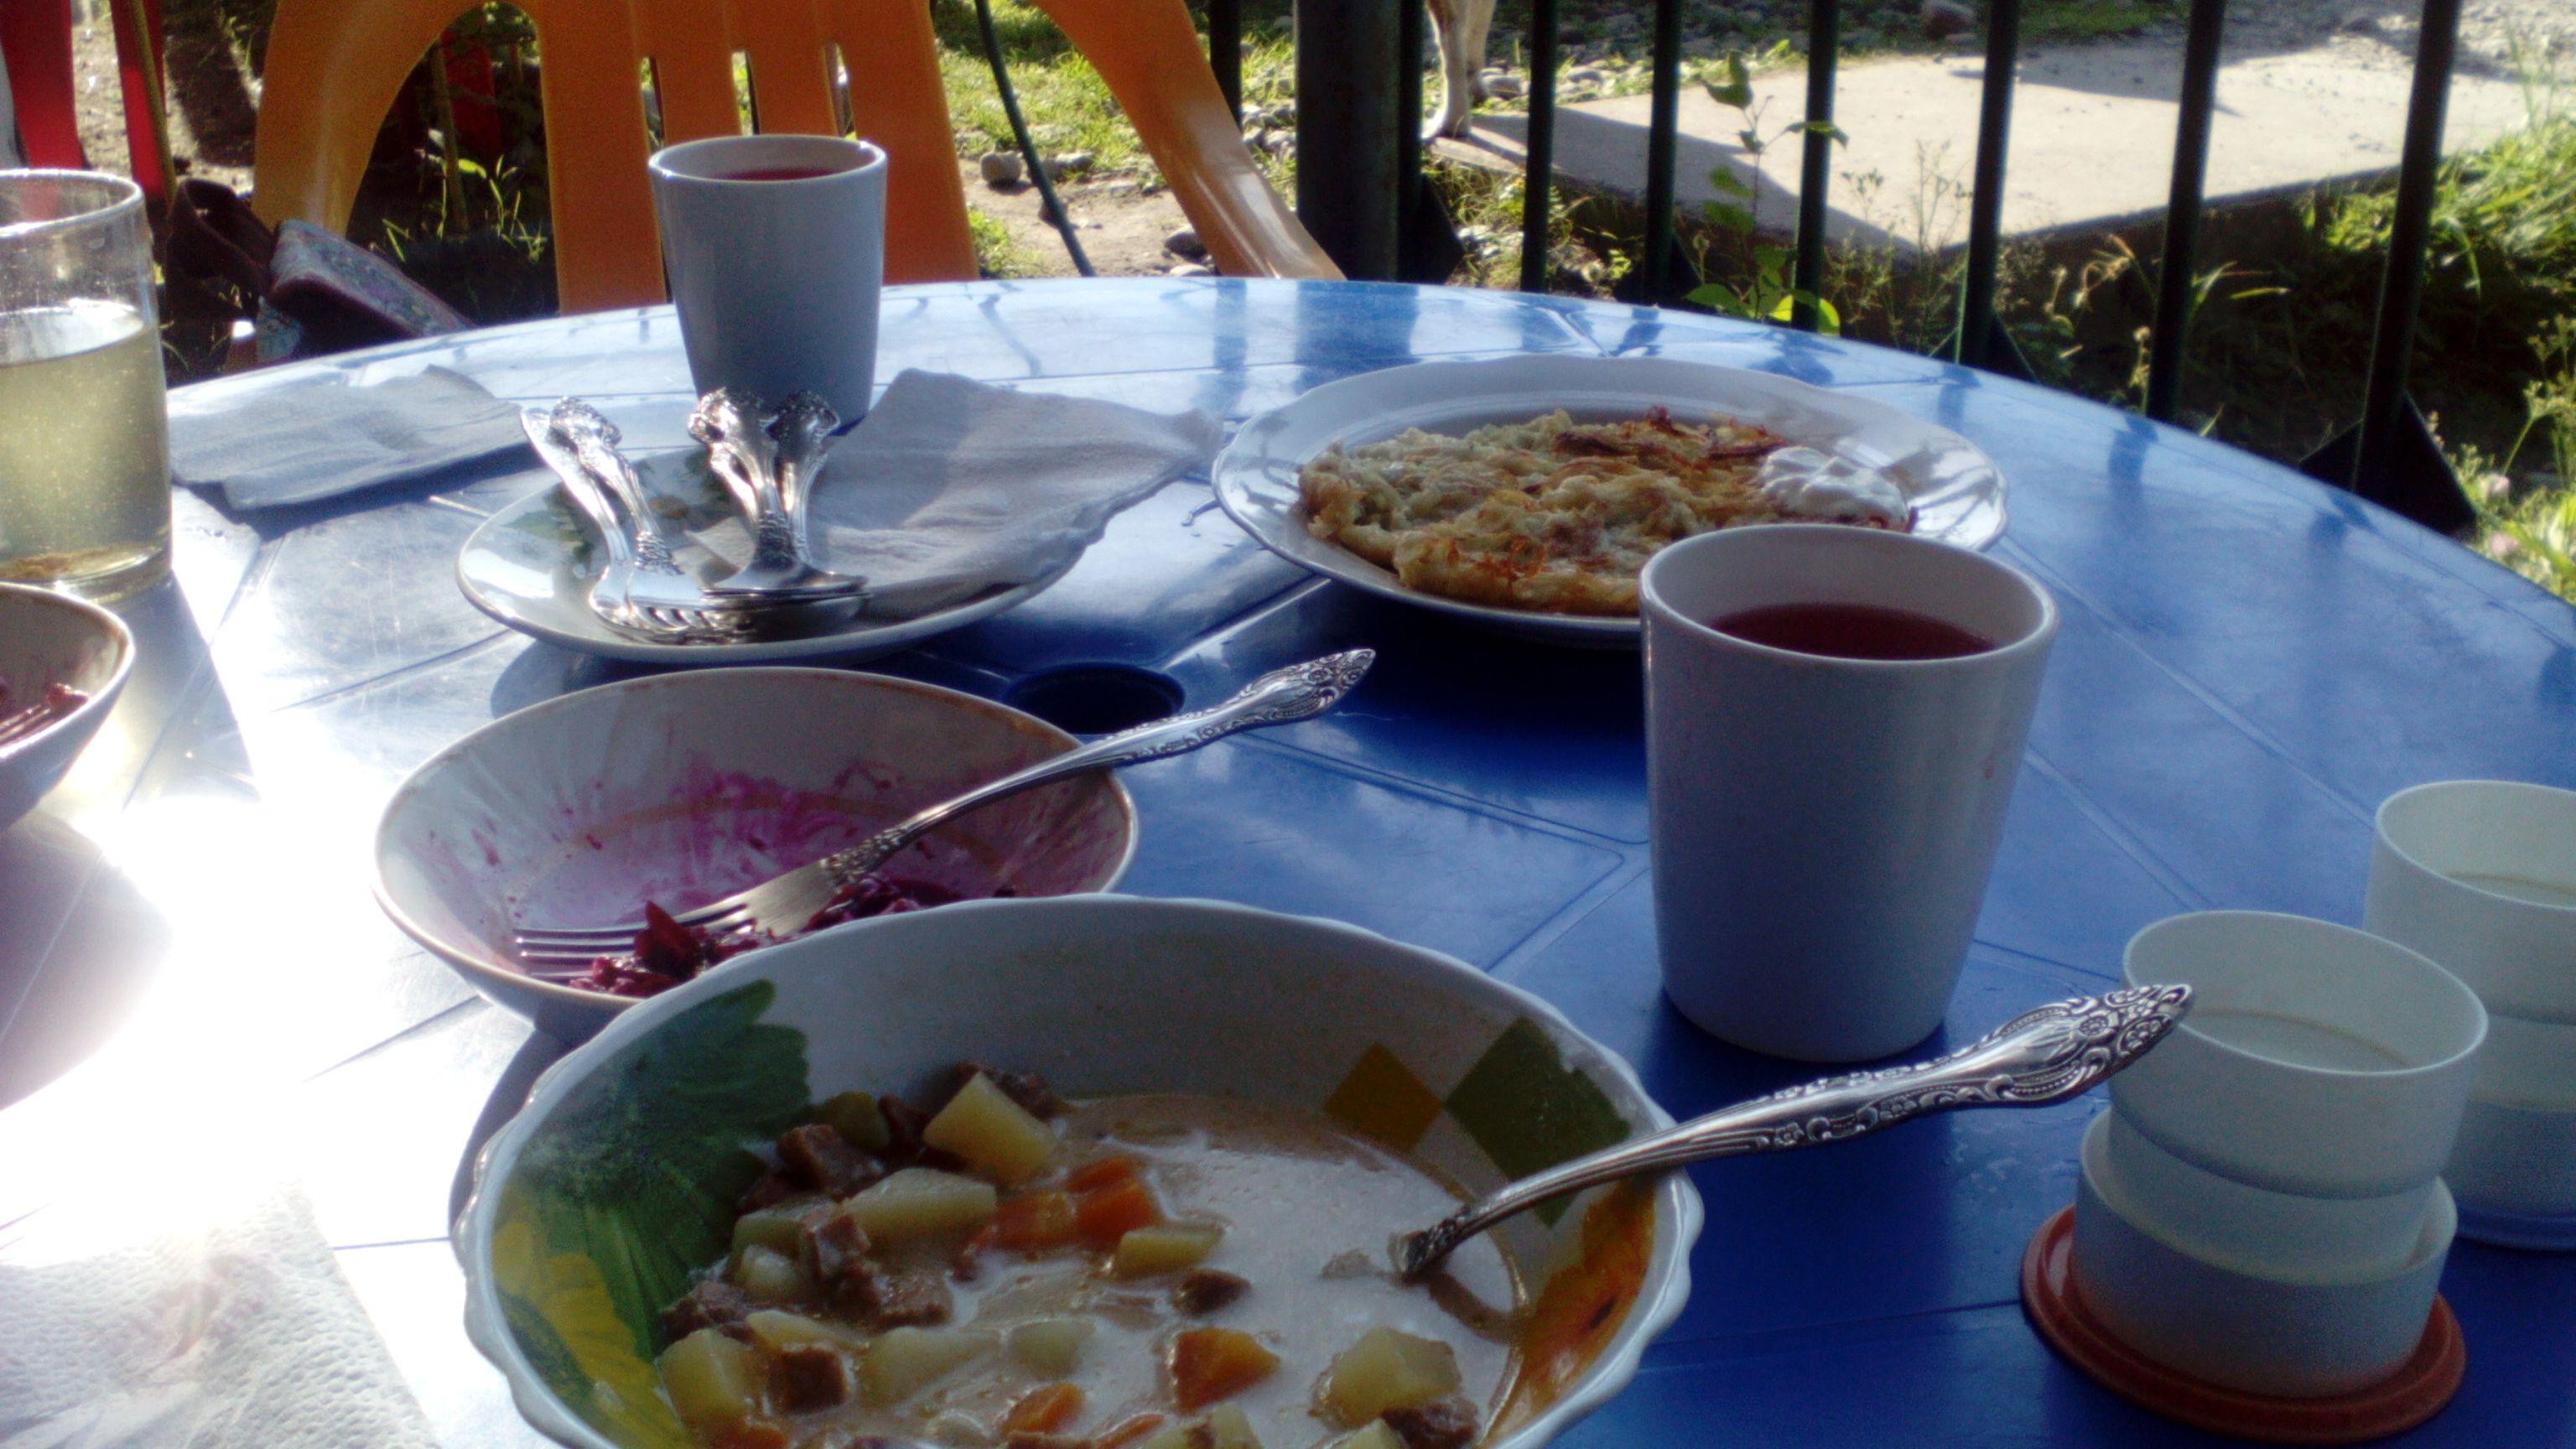 Обед в кафе Багульник. Фото из архива блога shveda.ru